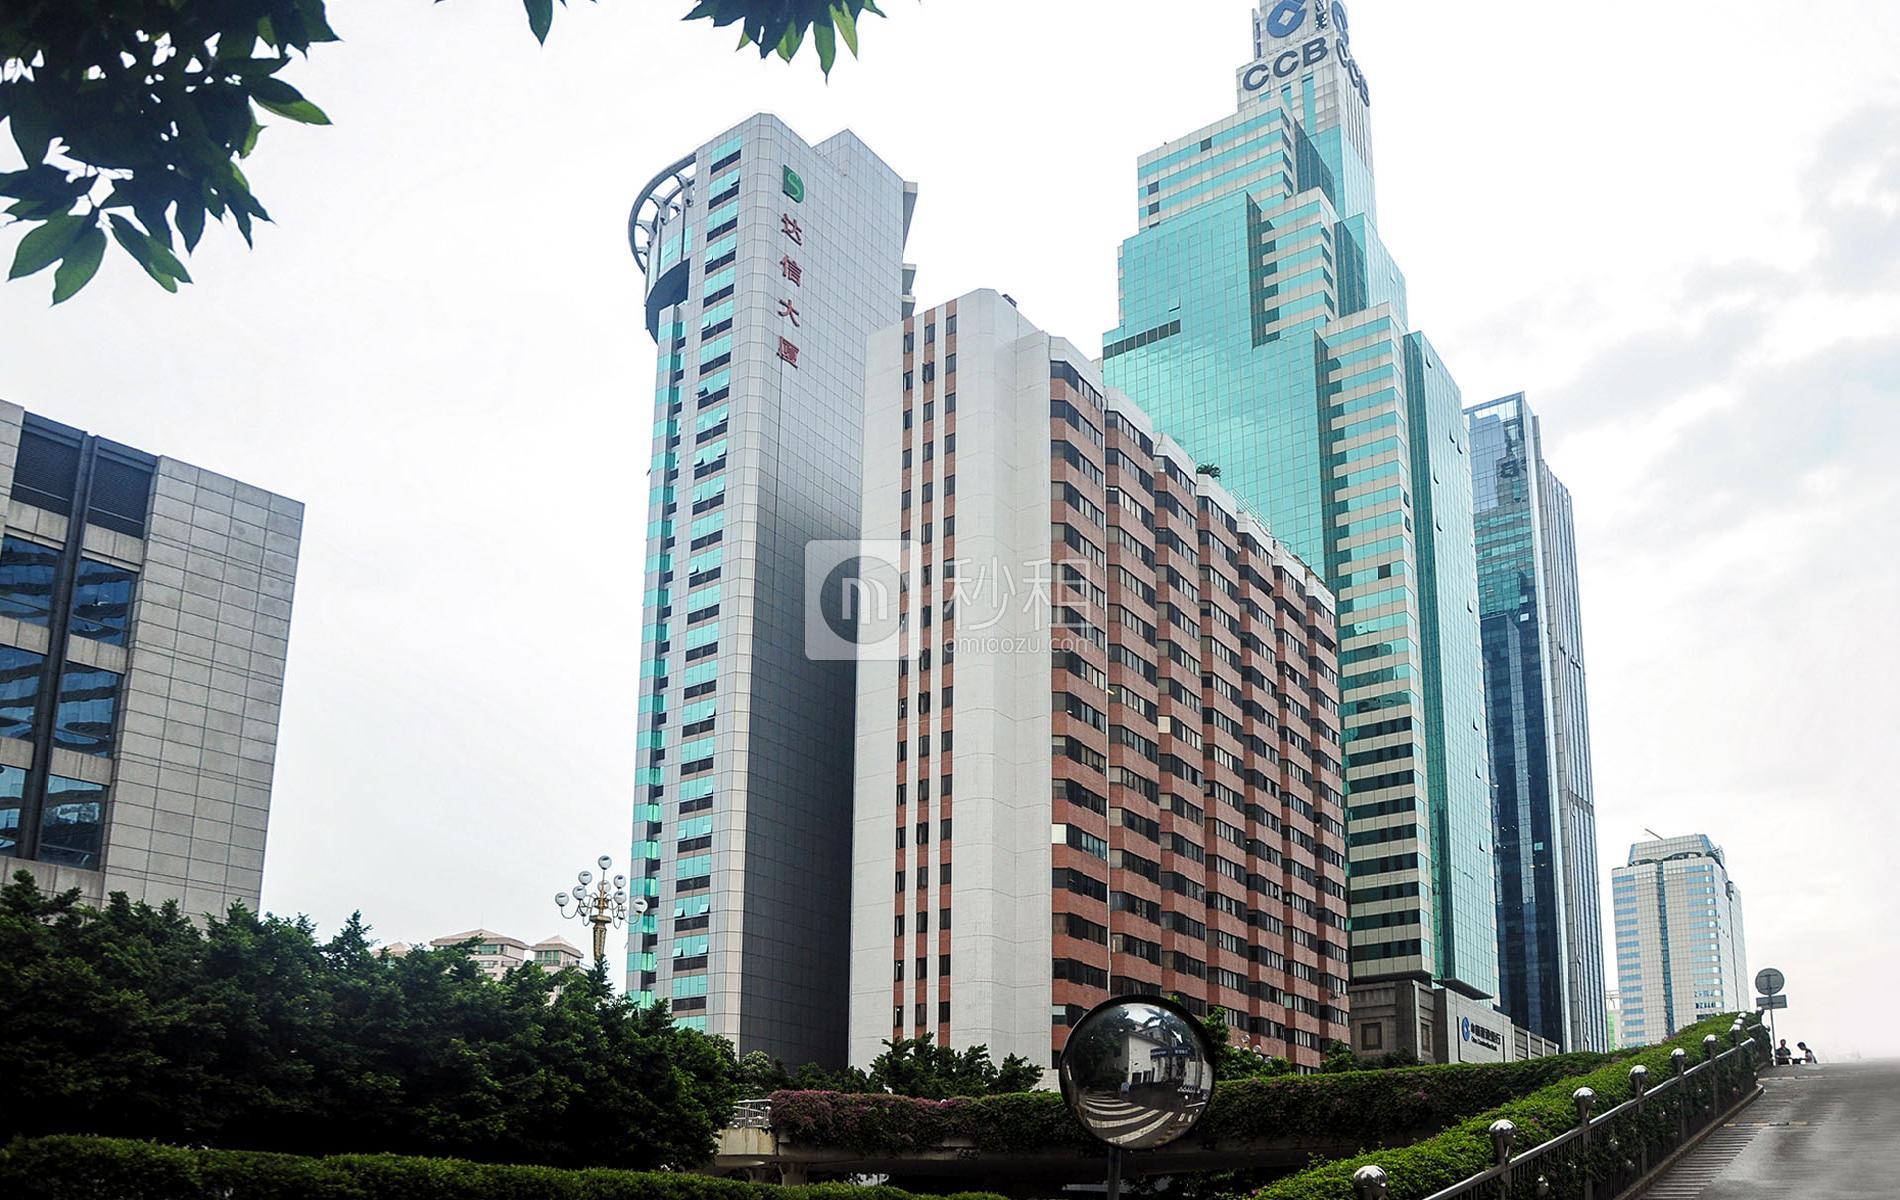 达信大厦写字楼出租/招租/租赁,达信大厦办公室出租/招租/租赁